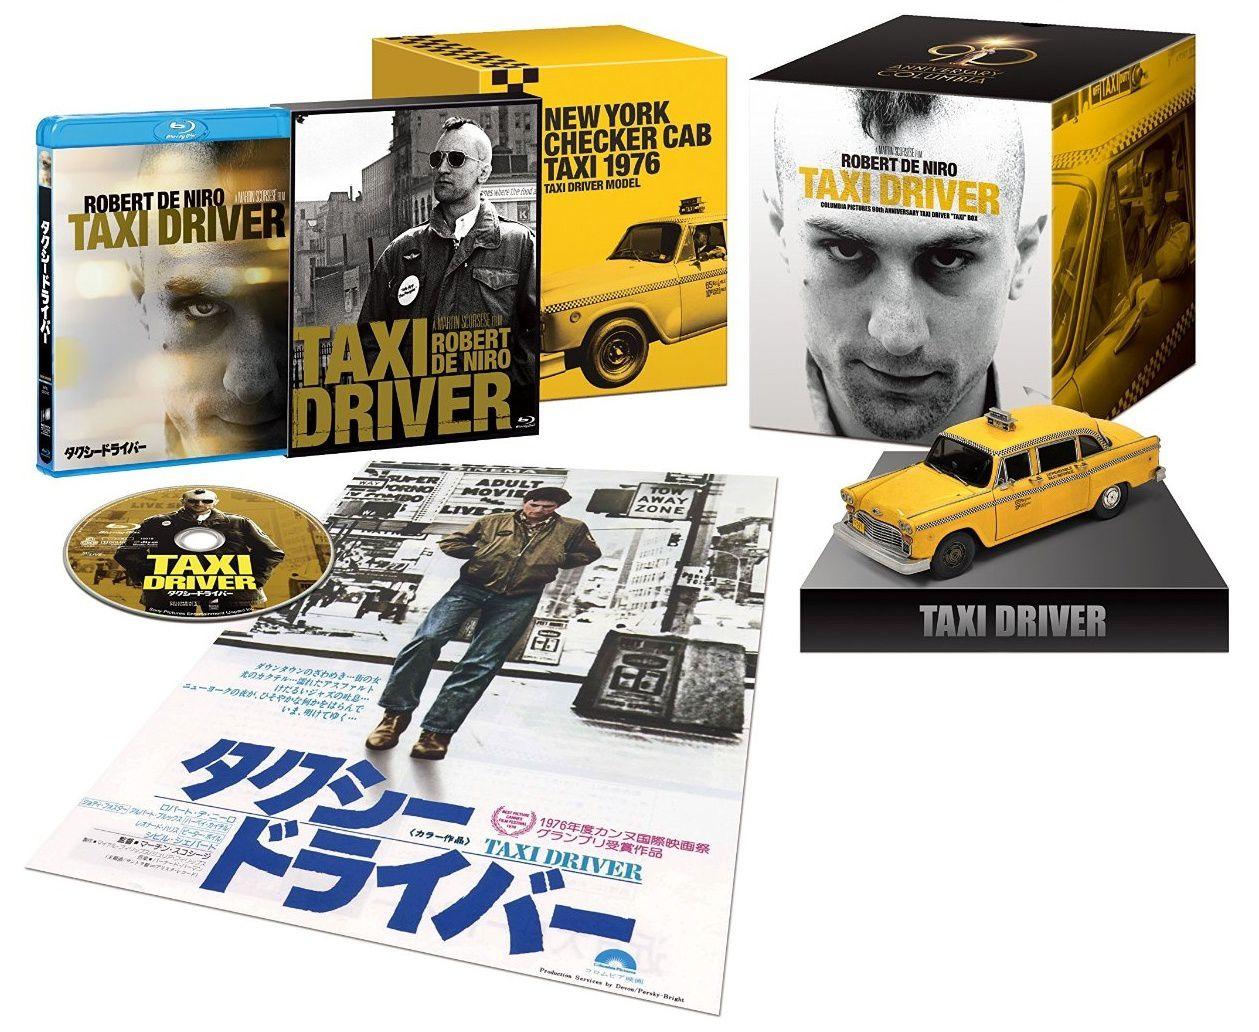 Taxi driver en coffret box blu-ray édition limitée